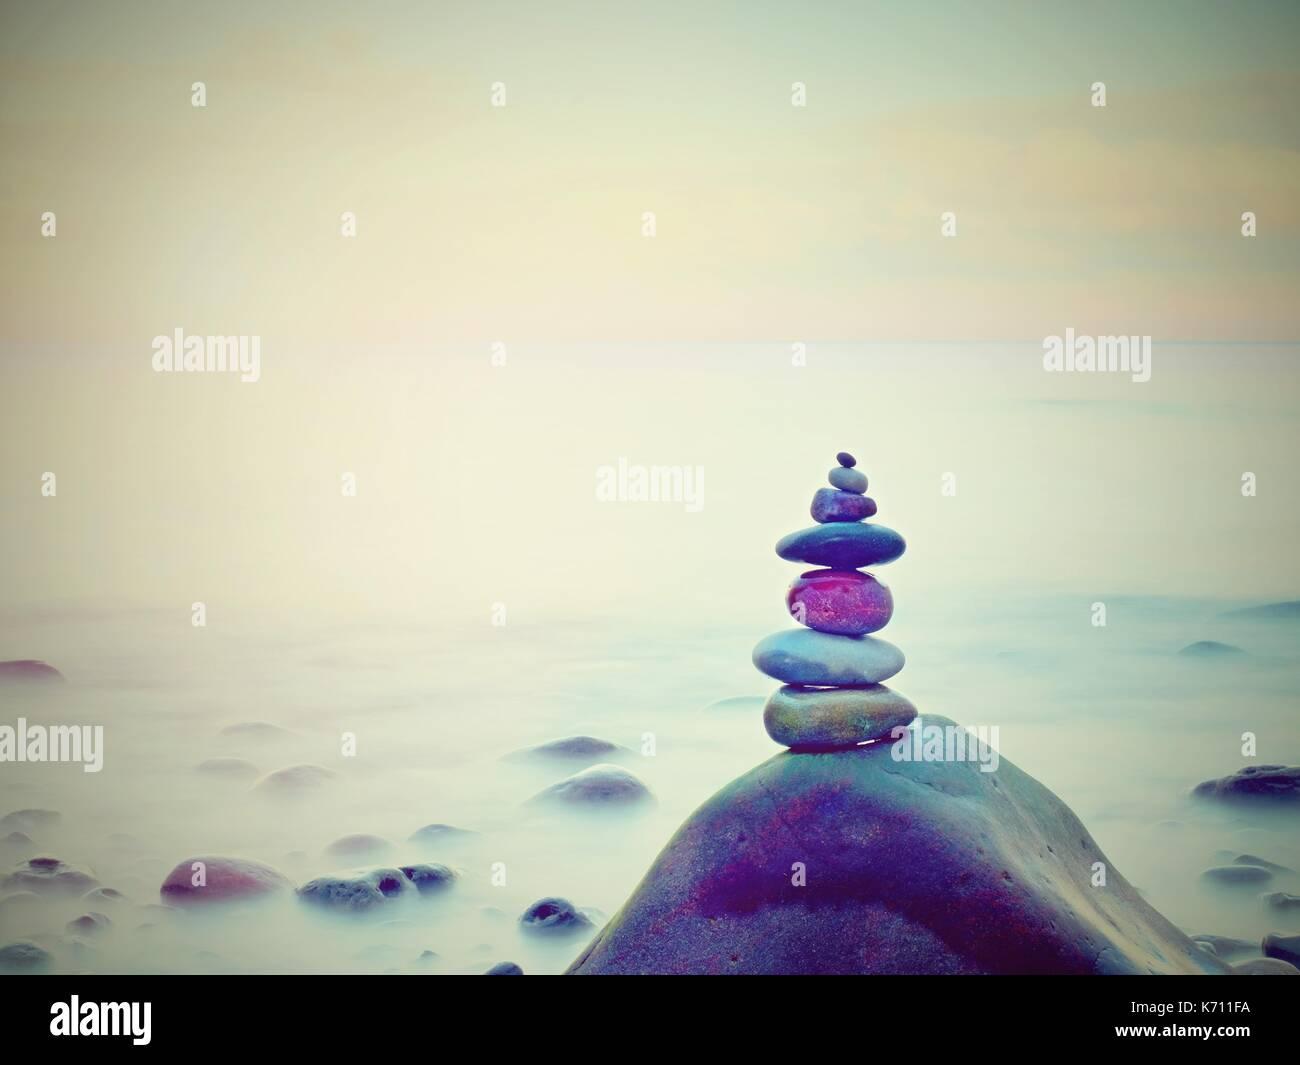 Pyramide des pierres sur une plage de galets symbolisant la stabilité, le zen, l'harmonie, l'équilibre. tropical Banque D'Images